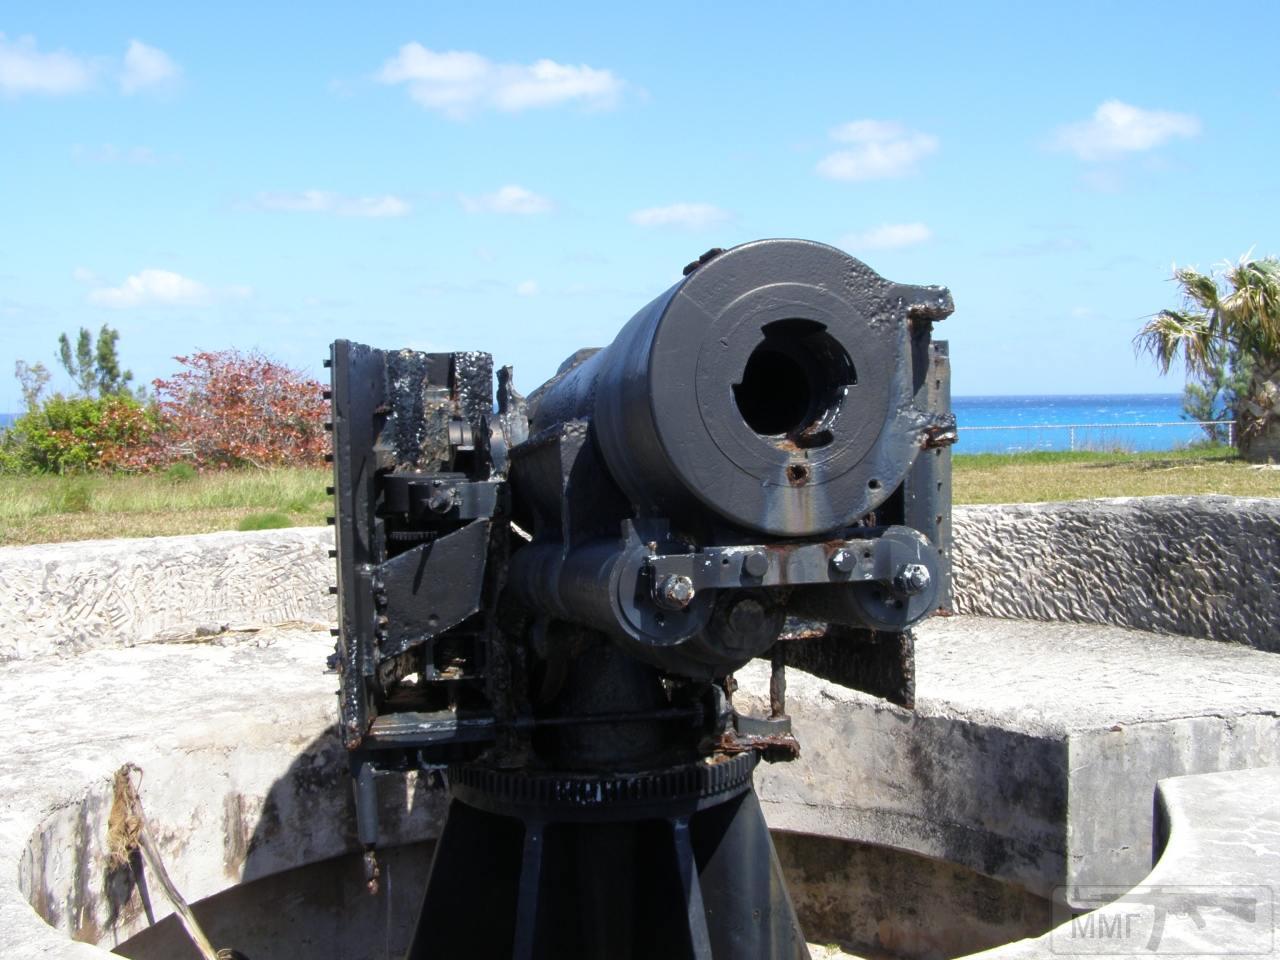 35022 - BL 6-inch Mk VII